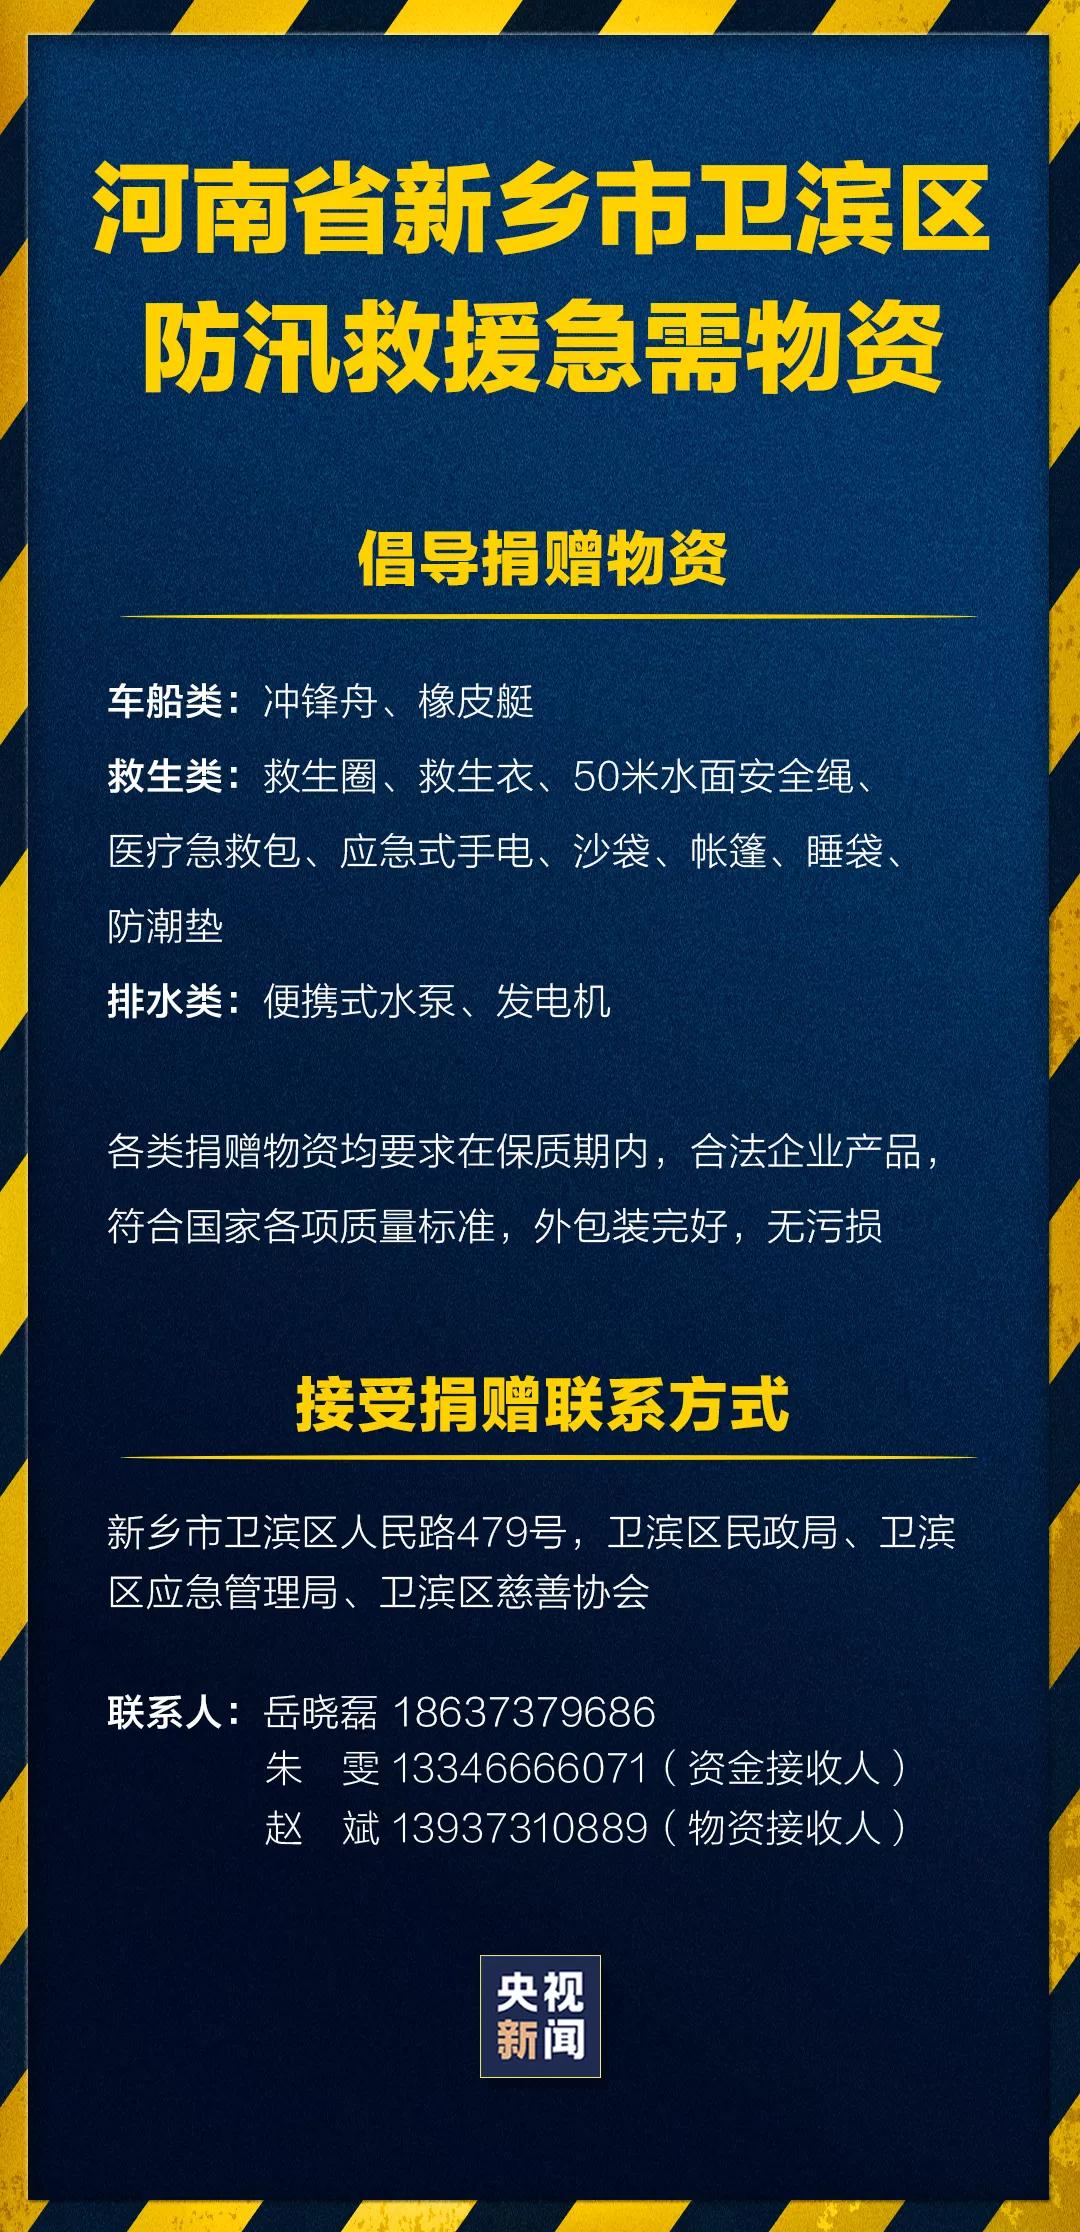 紧急扩散!河南新乡、鹤壁急需救援物资